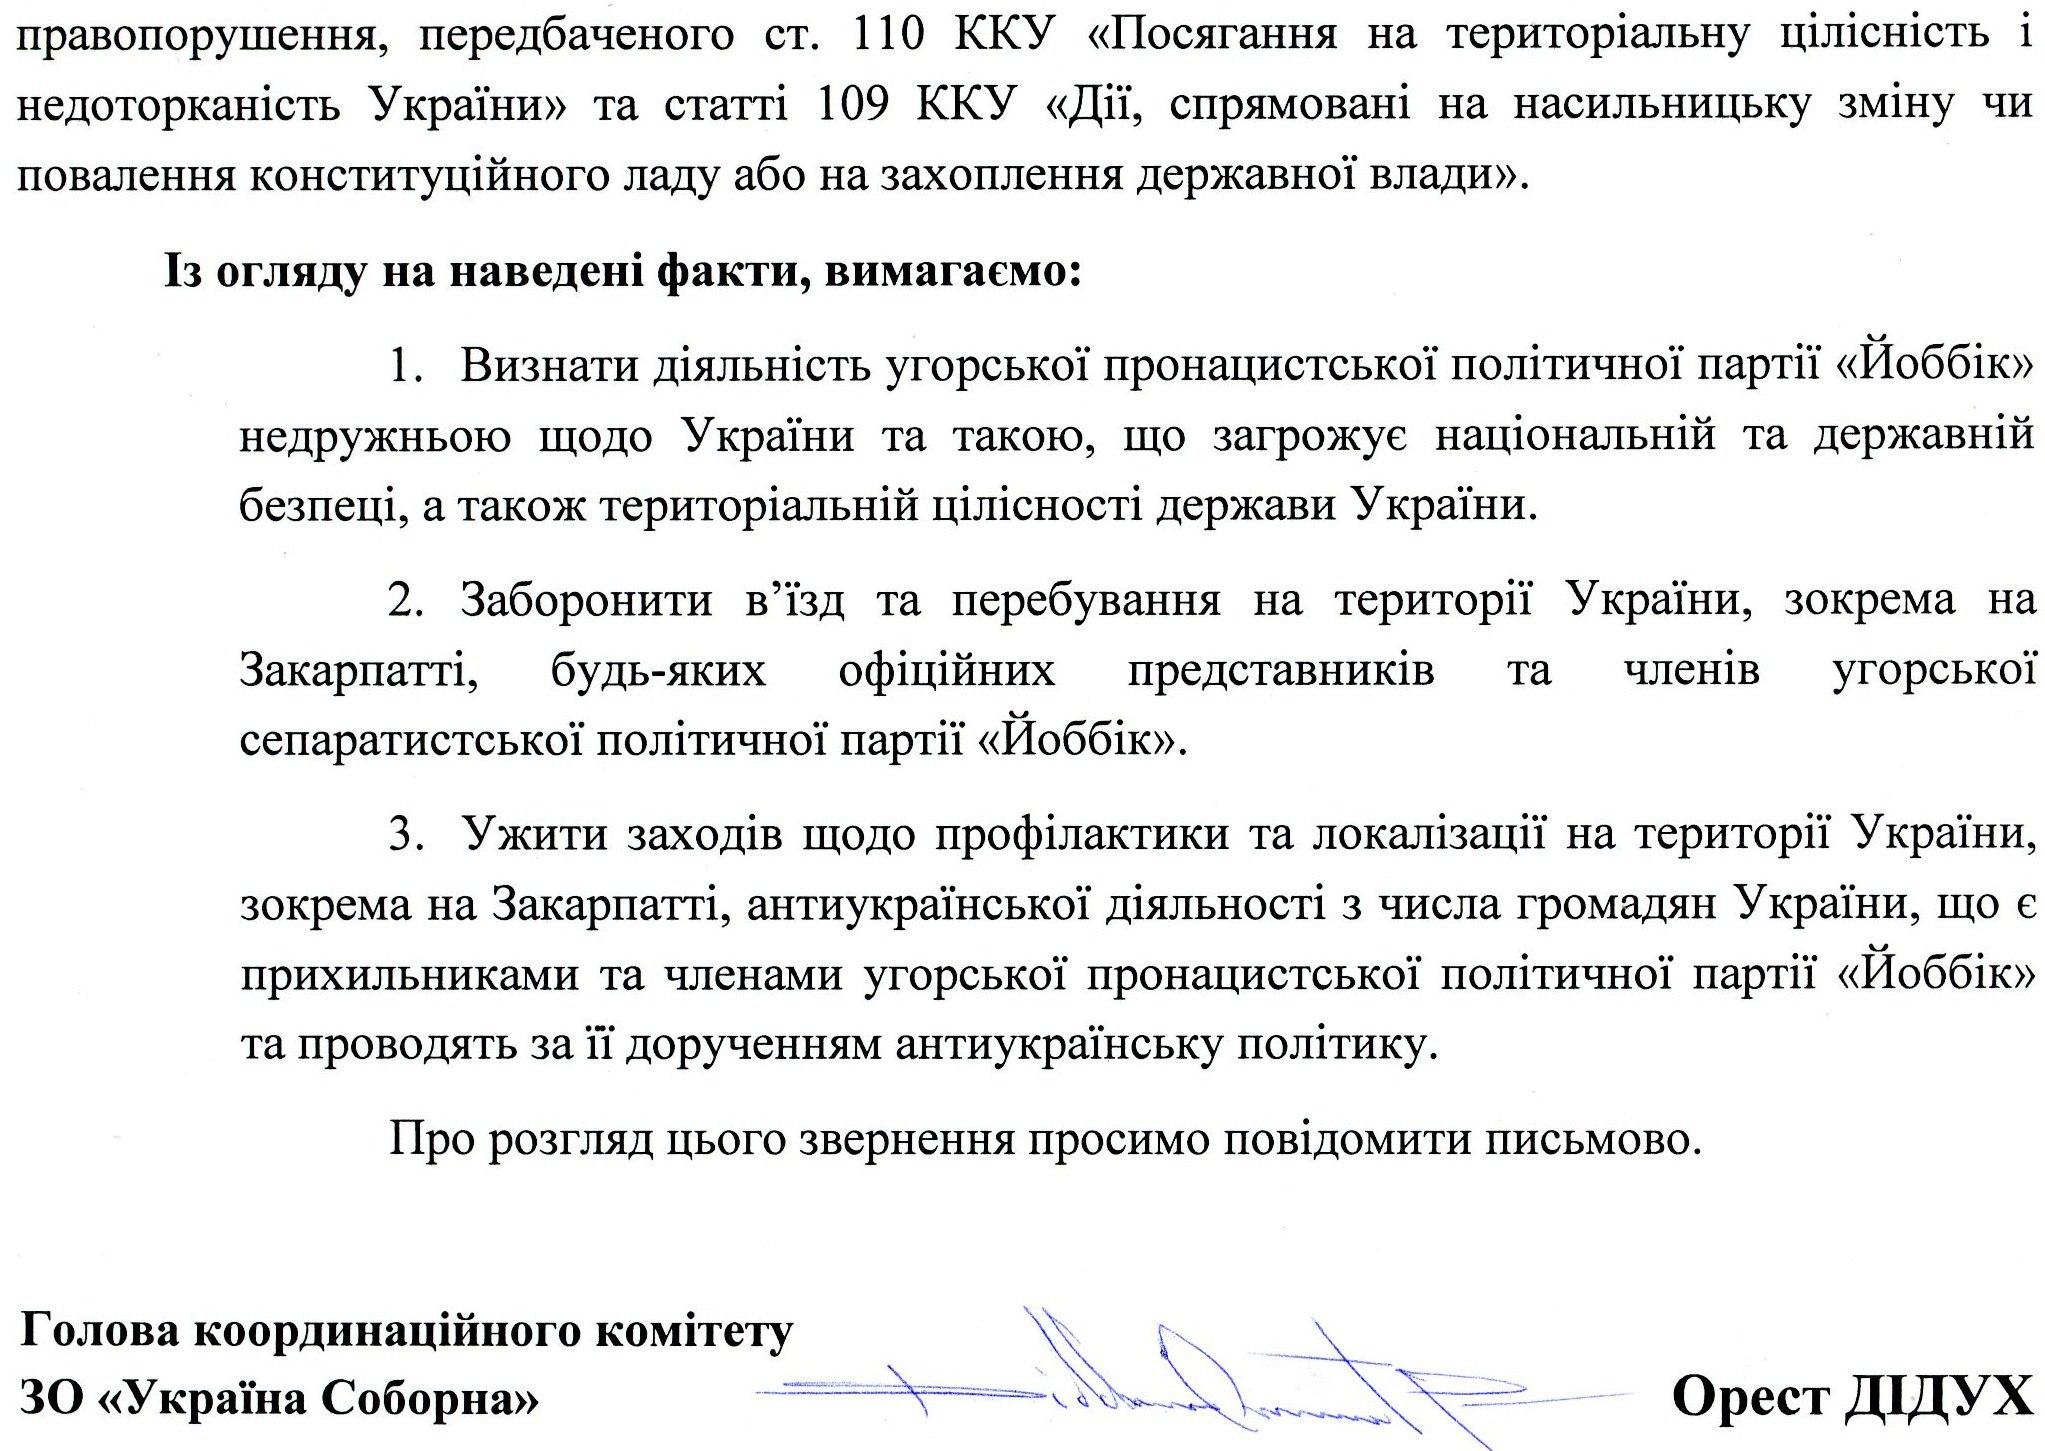 """Закарпатські націоналісти жорстко відреагували на намагання угорського """"Йоббіка"""" пропіаритись на теренах Закарпаття (ДОКУМЕНТ)"""